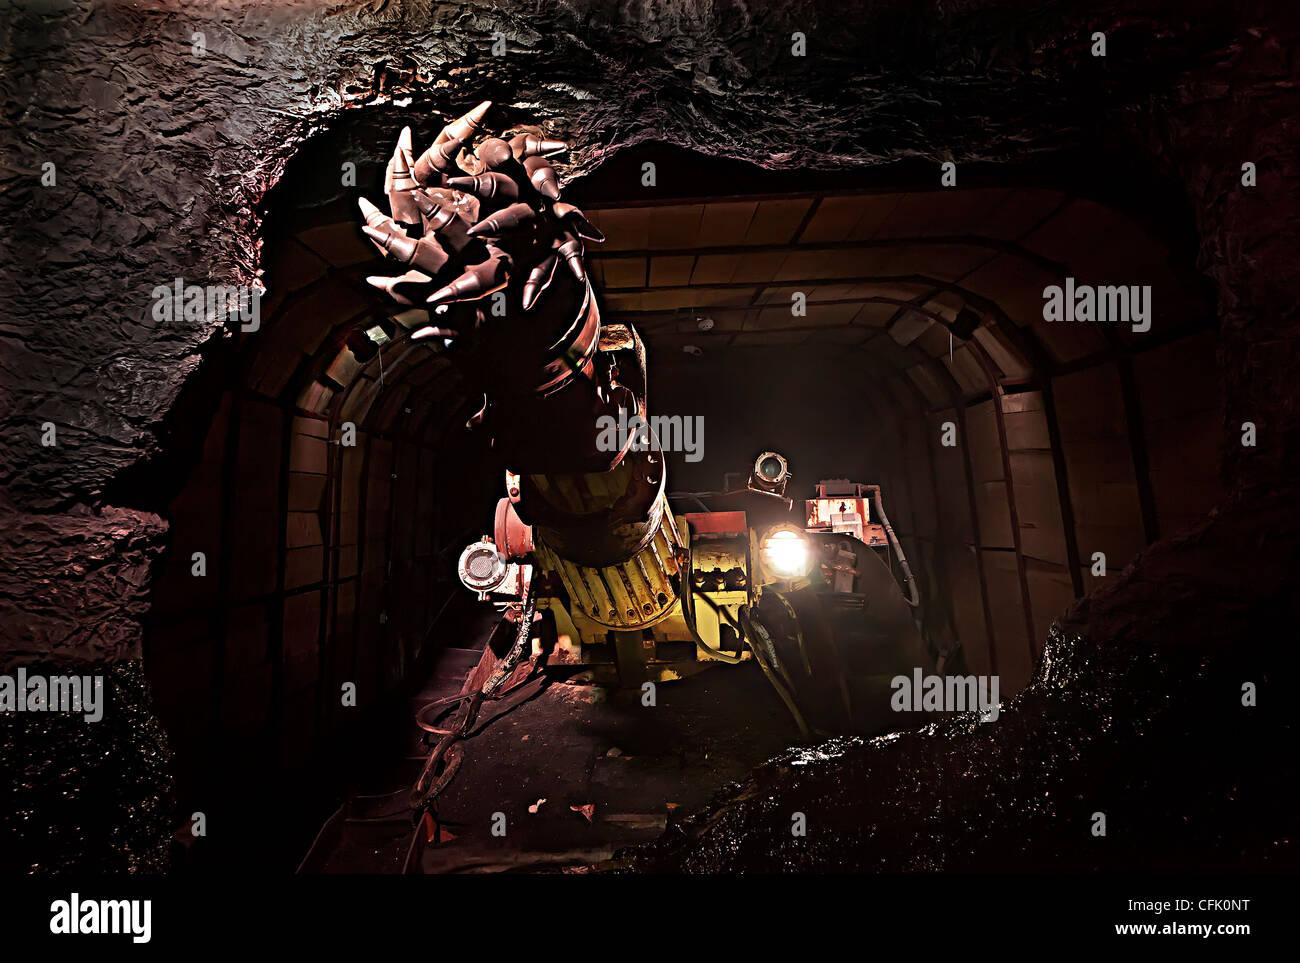 Coal mining boring machine, part of display at Big Pit mining museum, Blaenavon, Wales, UK Stock Photo